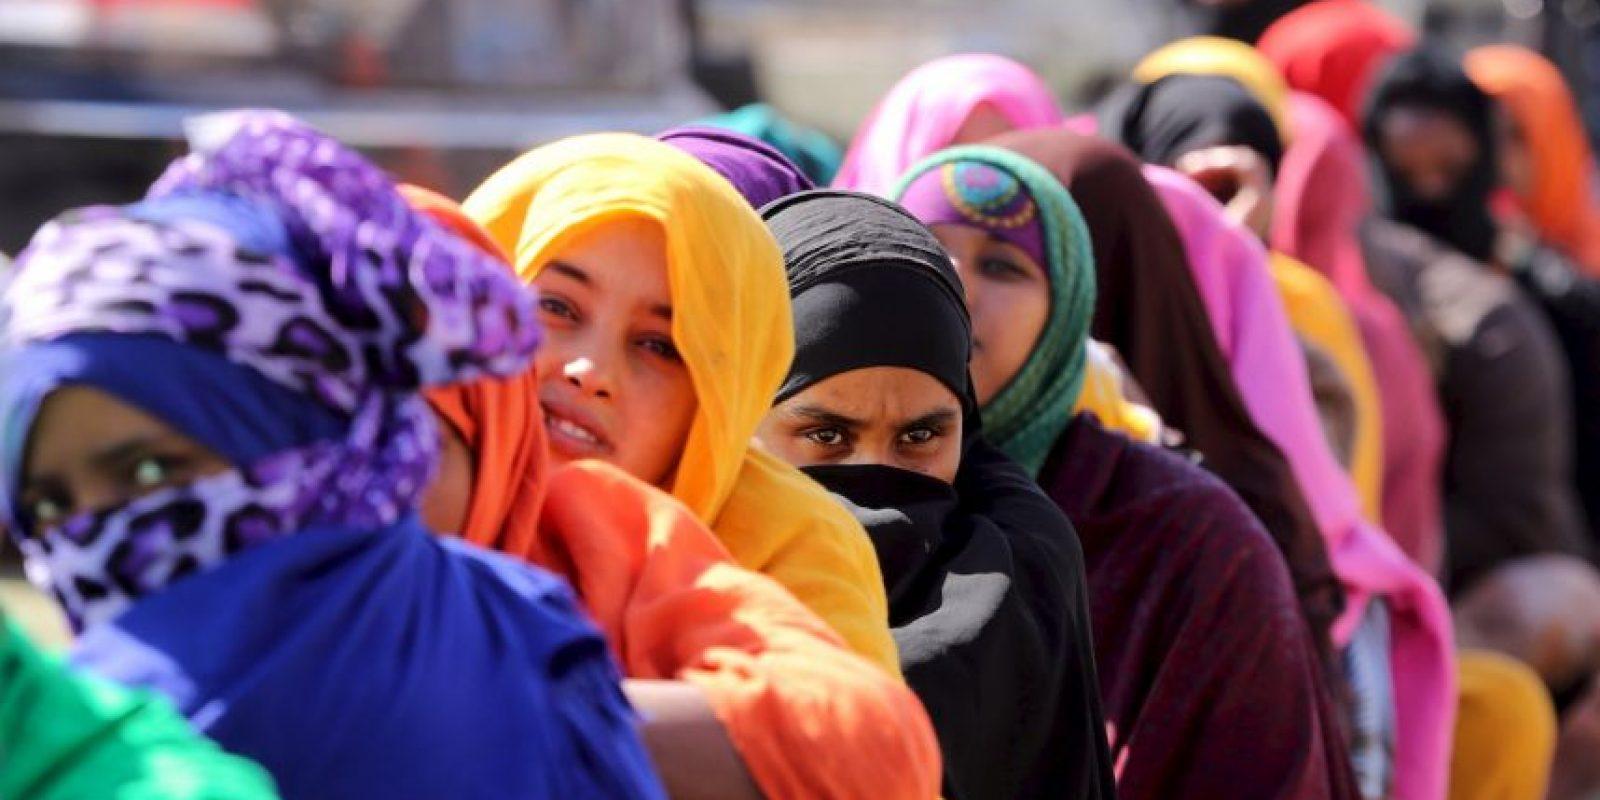 En el pasado mes de abril más de 800 personas murieron en un naufragio de un barco proveniente de Libia. Foto:AFP